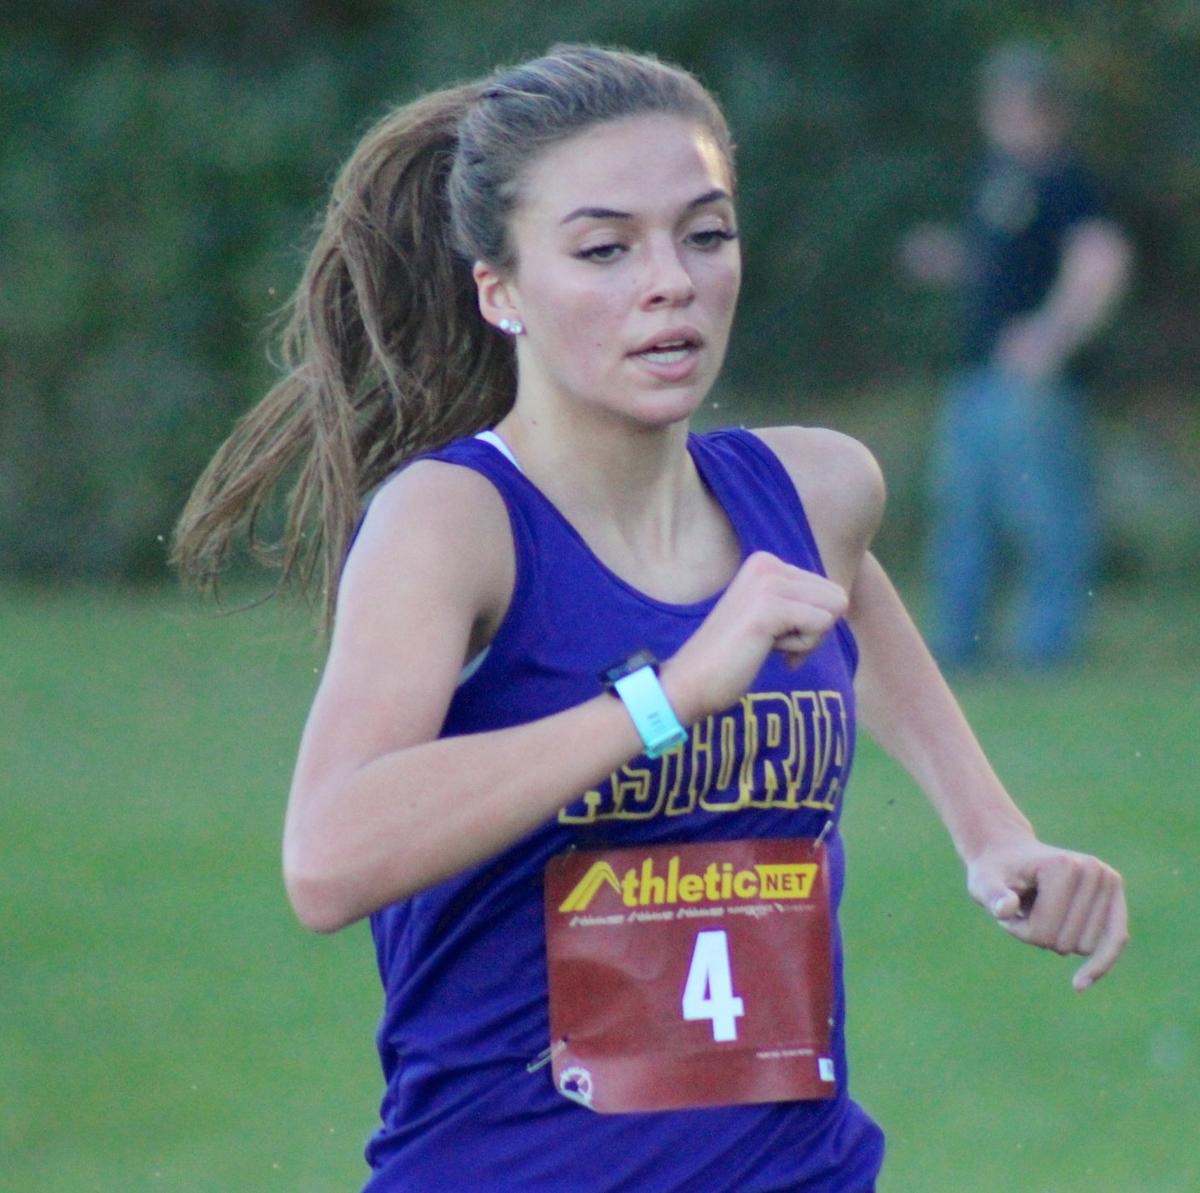 Astoria runner Sophie Long